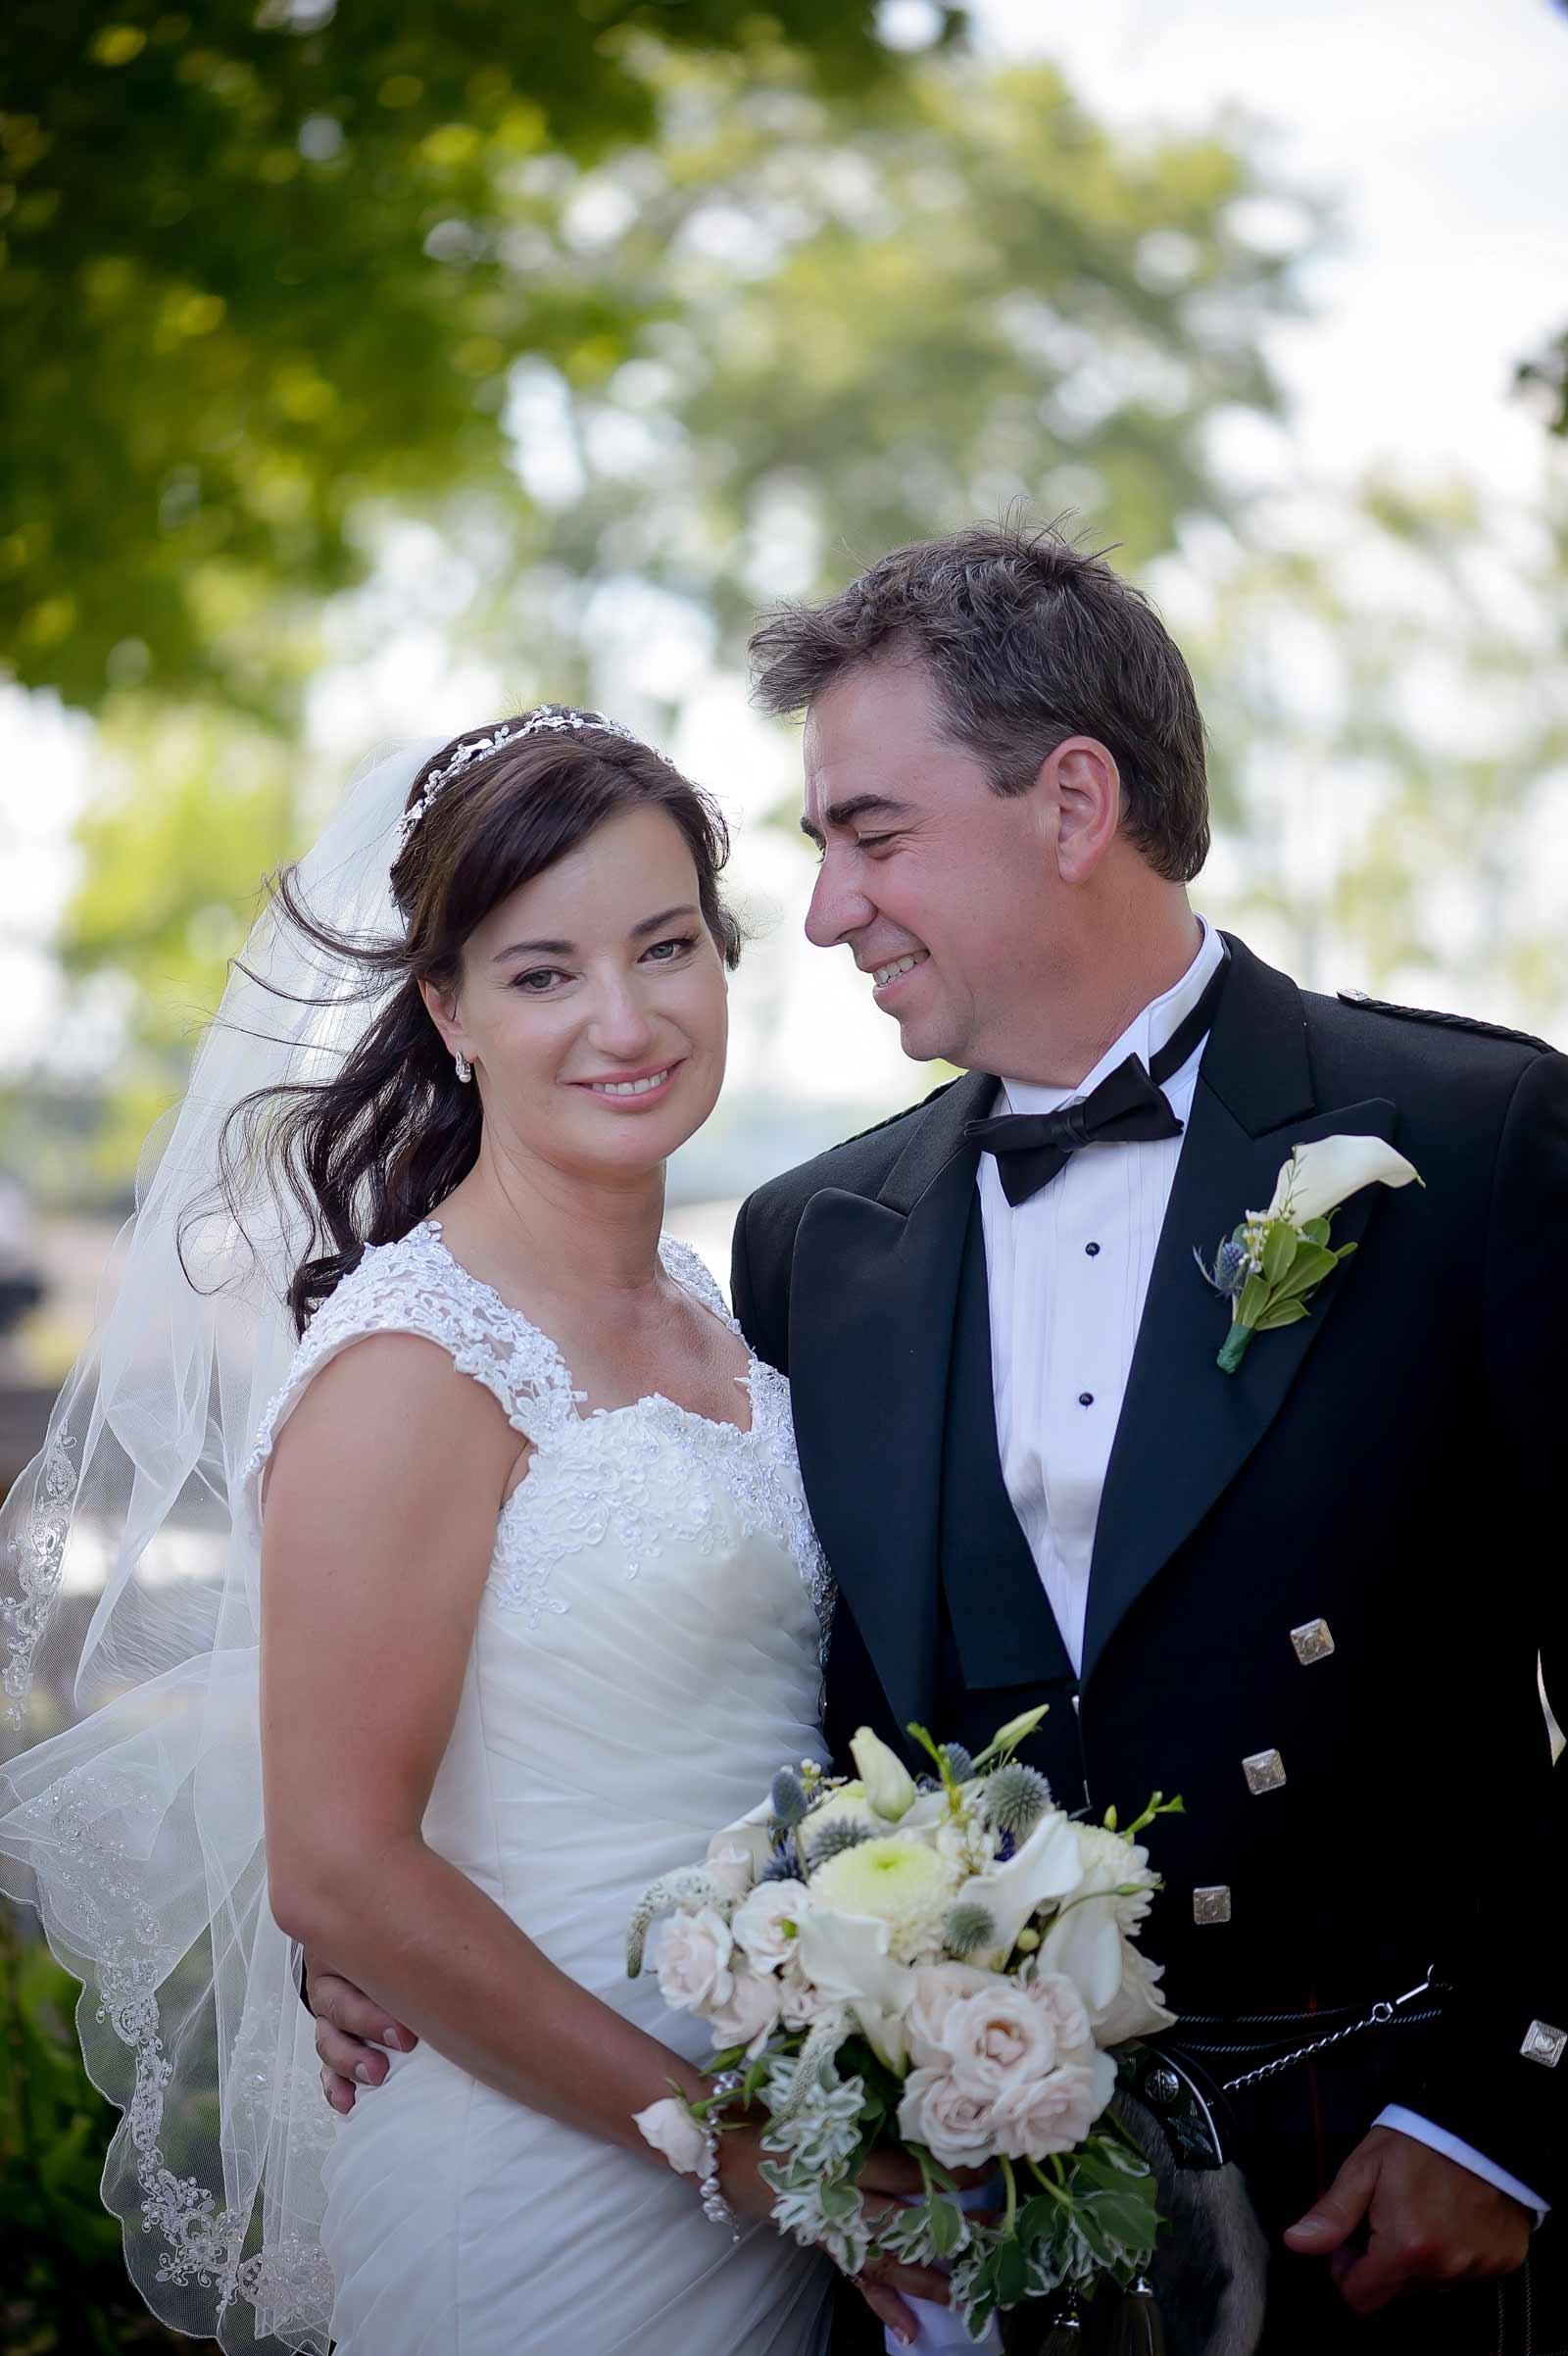 kathy-peter-wedding-sneakpeek-007